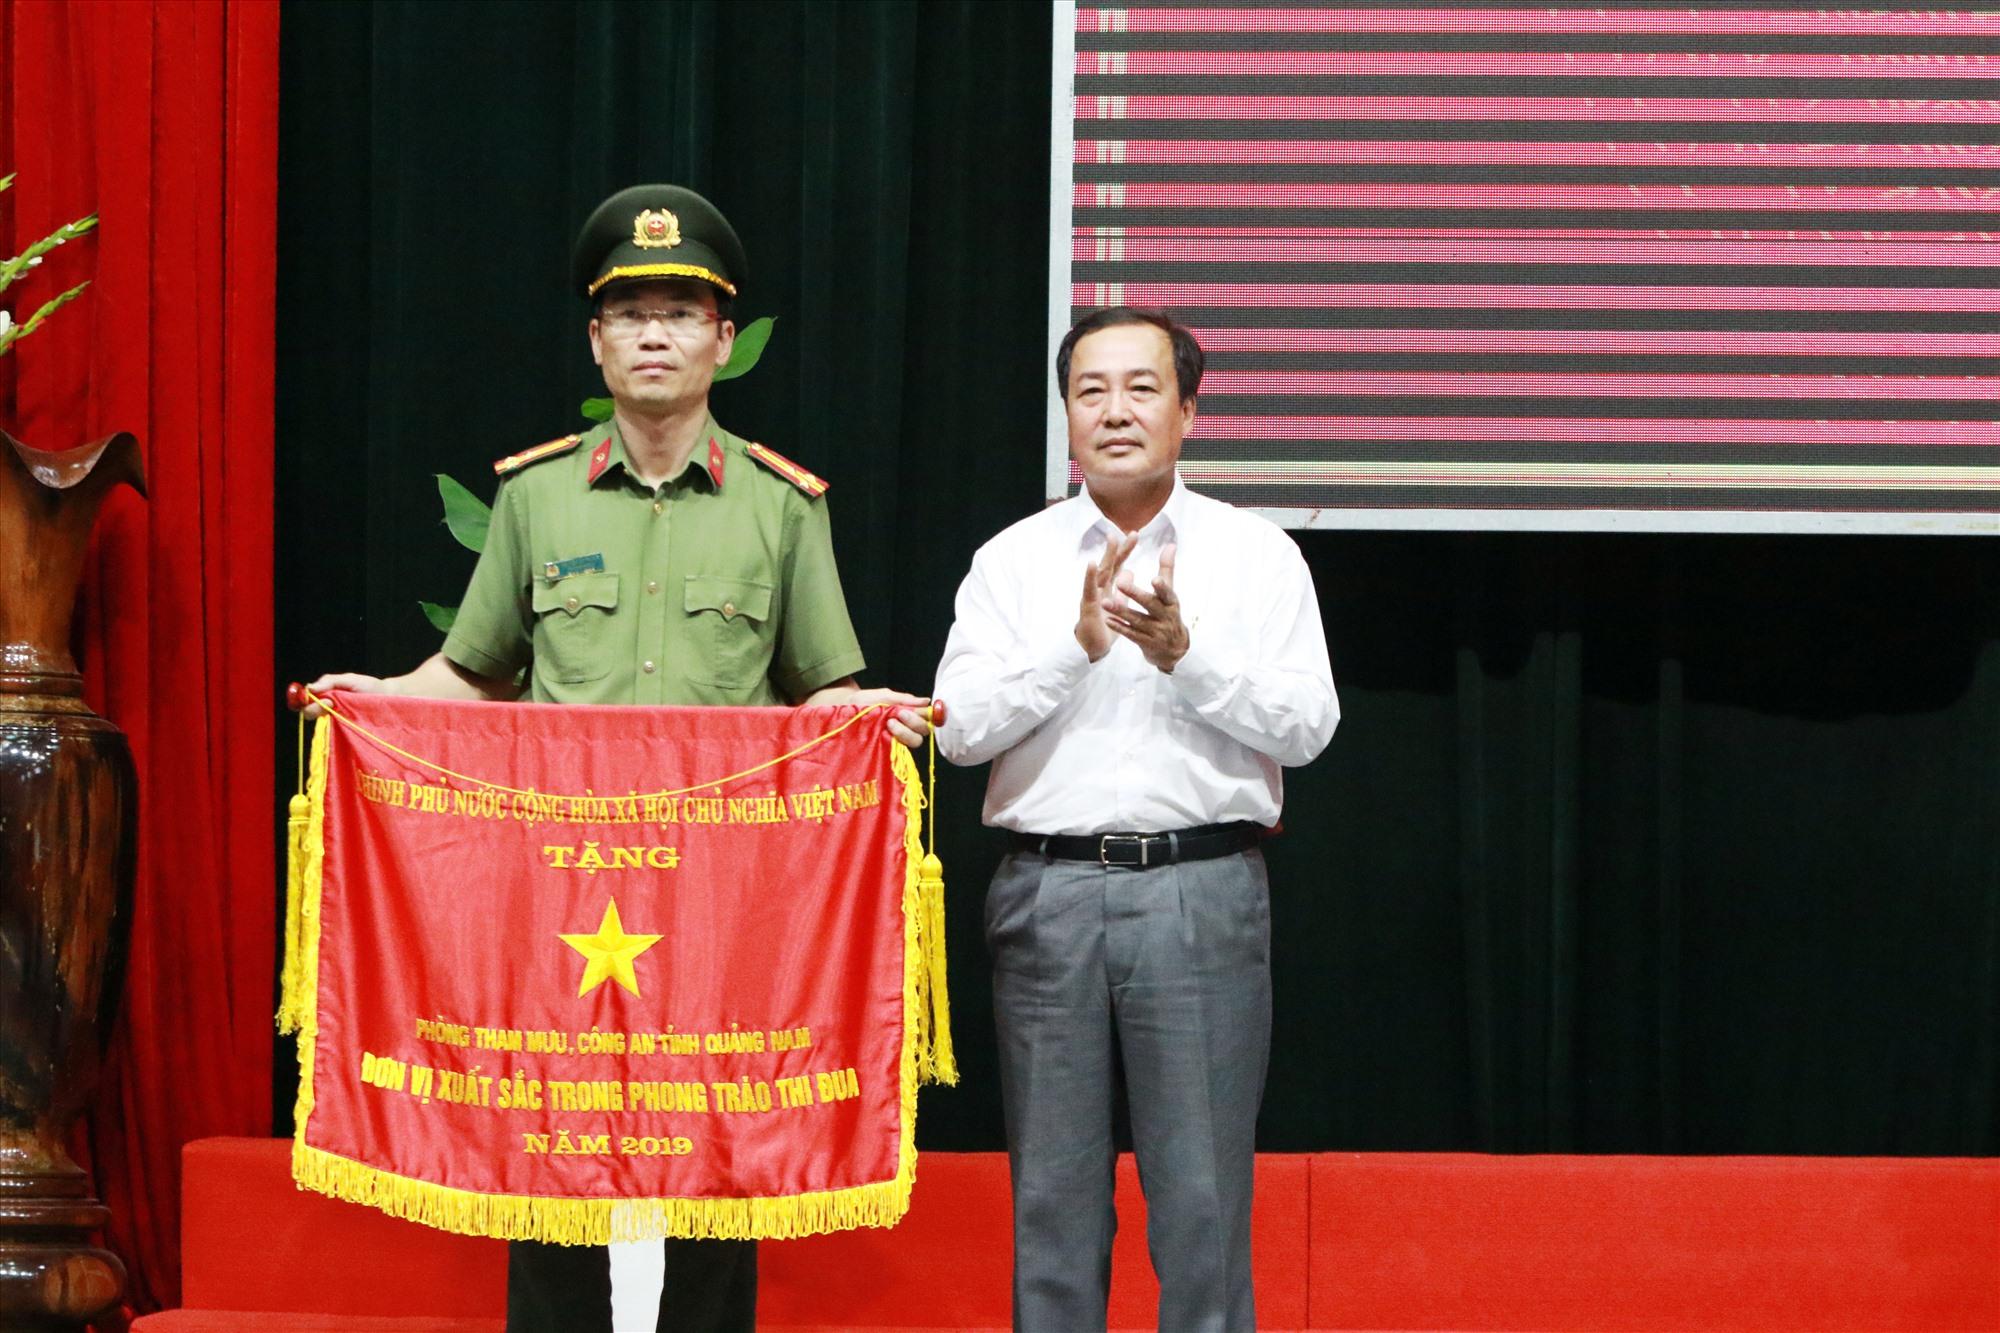 Phó Chủ tịch Thường trực UBND tỉnh Huỳnh Khánh Toàn thừa ủy nhiệm trao Cờ đơn vị xuất sắc trong phong trào thi đua năm 2019 của Chính phủ cho đại diện Phòng Tham mưu Công an tỉnh. Ảnh: T.C